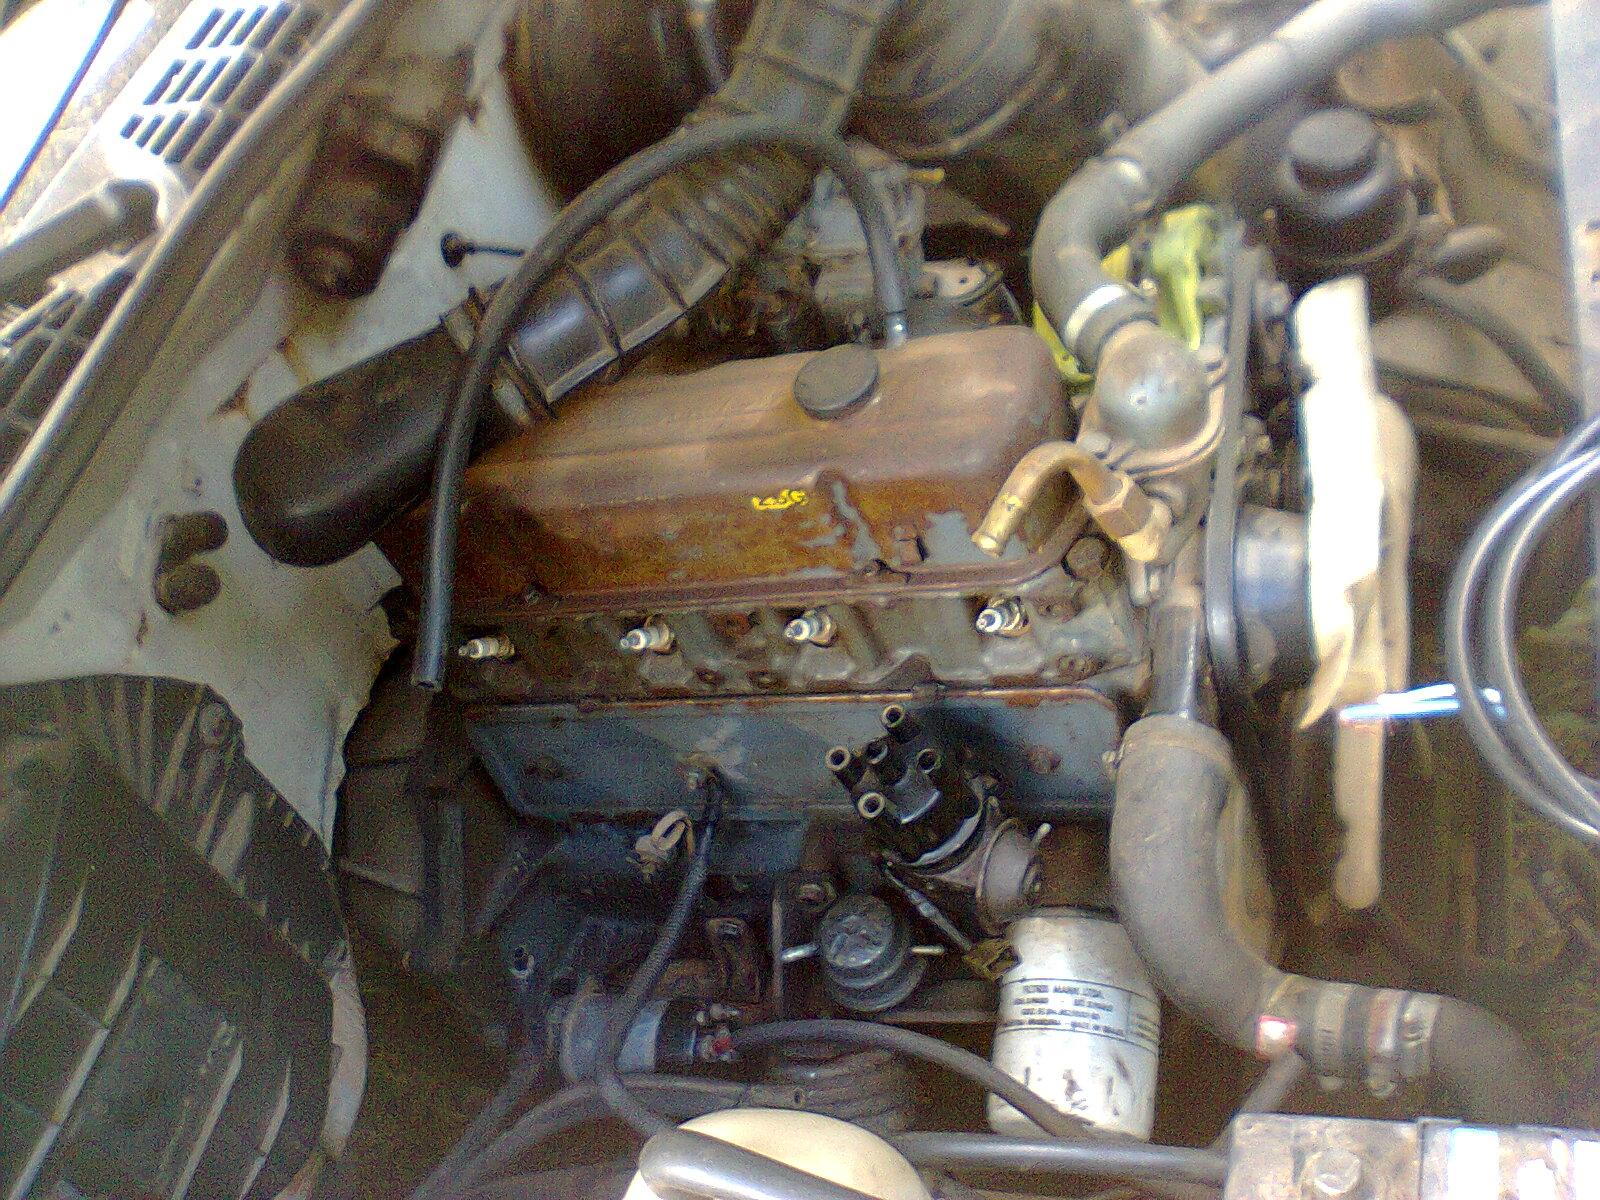 Dieselnutz 10 Motores De Ignicao Por Faisca Com Algum Merito Digno De Nota